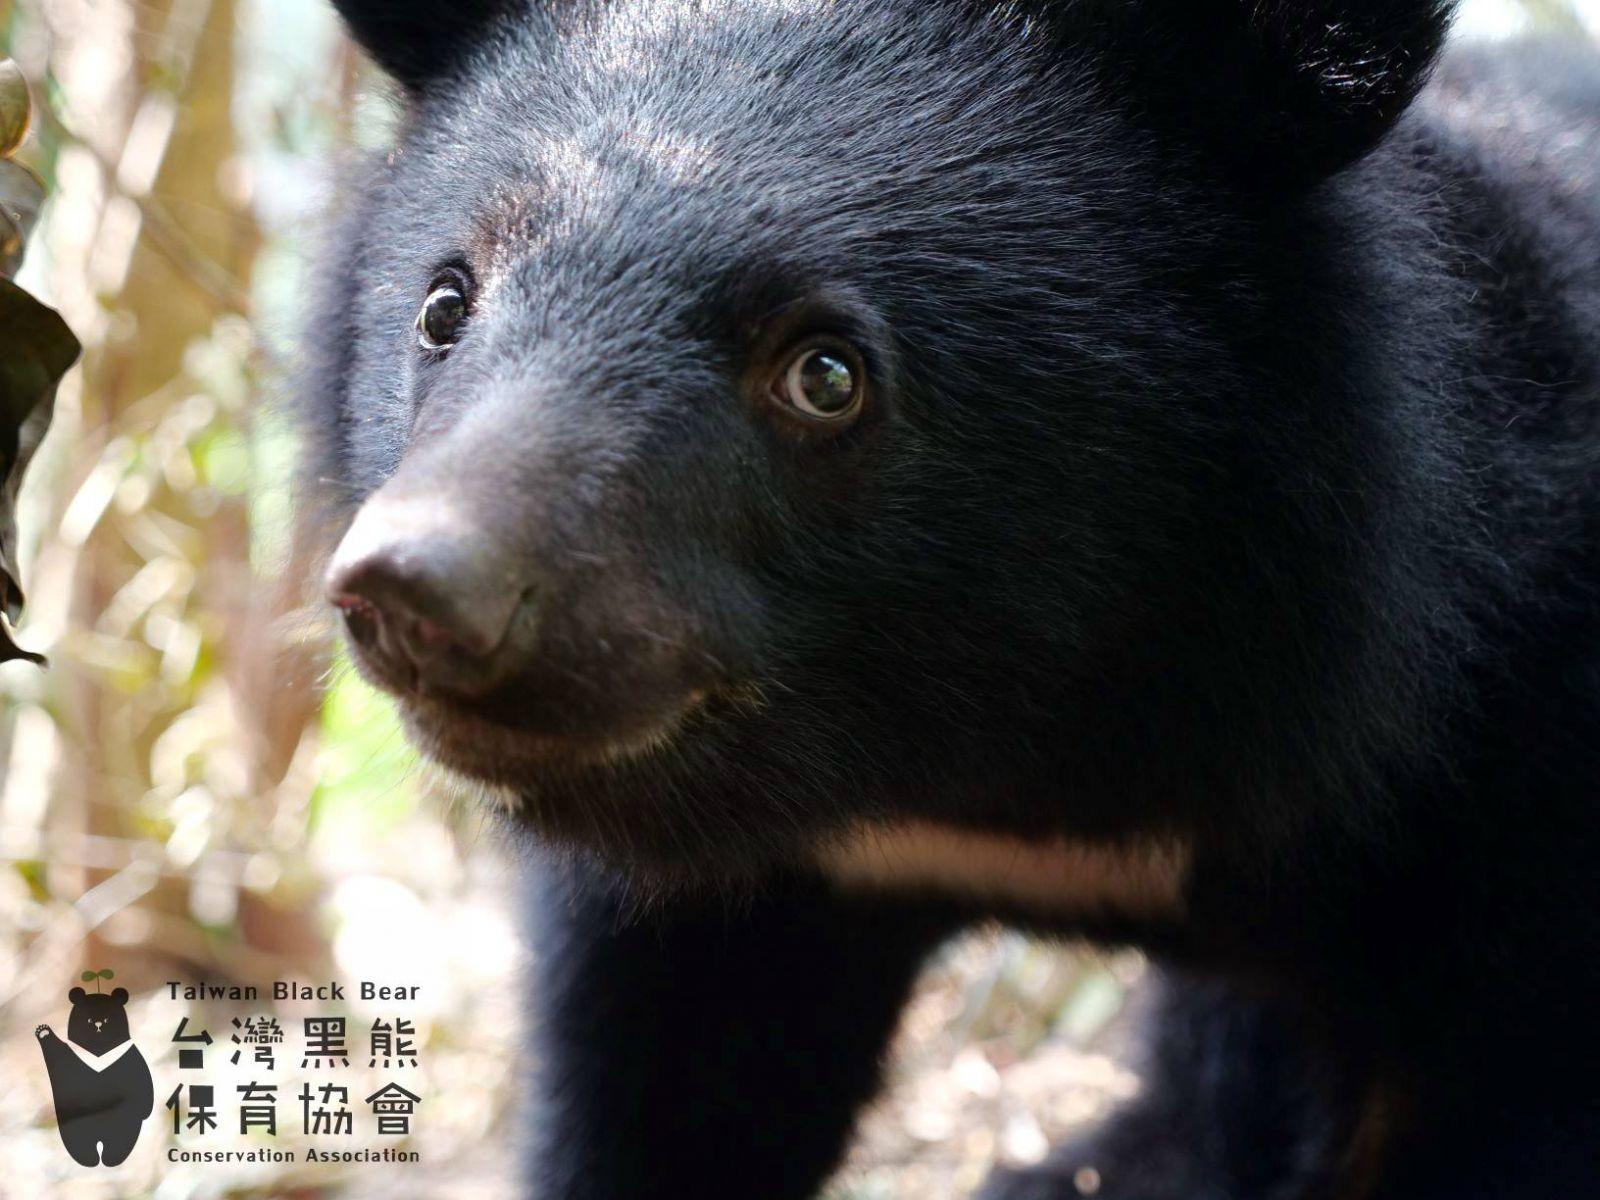 與惡的距離並不遙遠...南安黑熊事件給台灣人上了一堂課